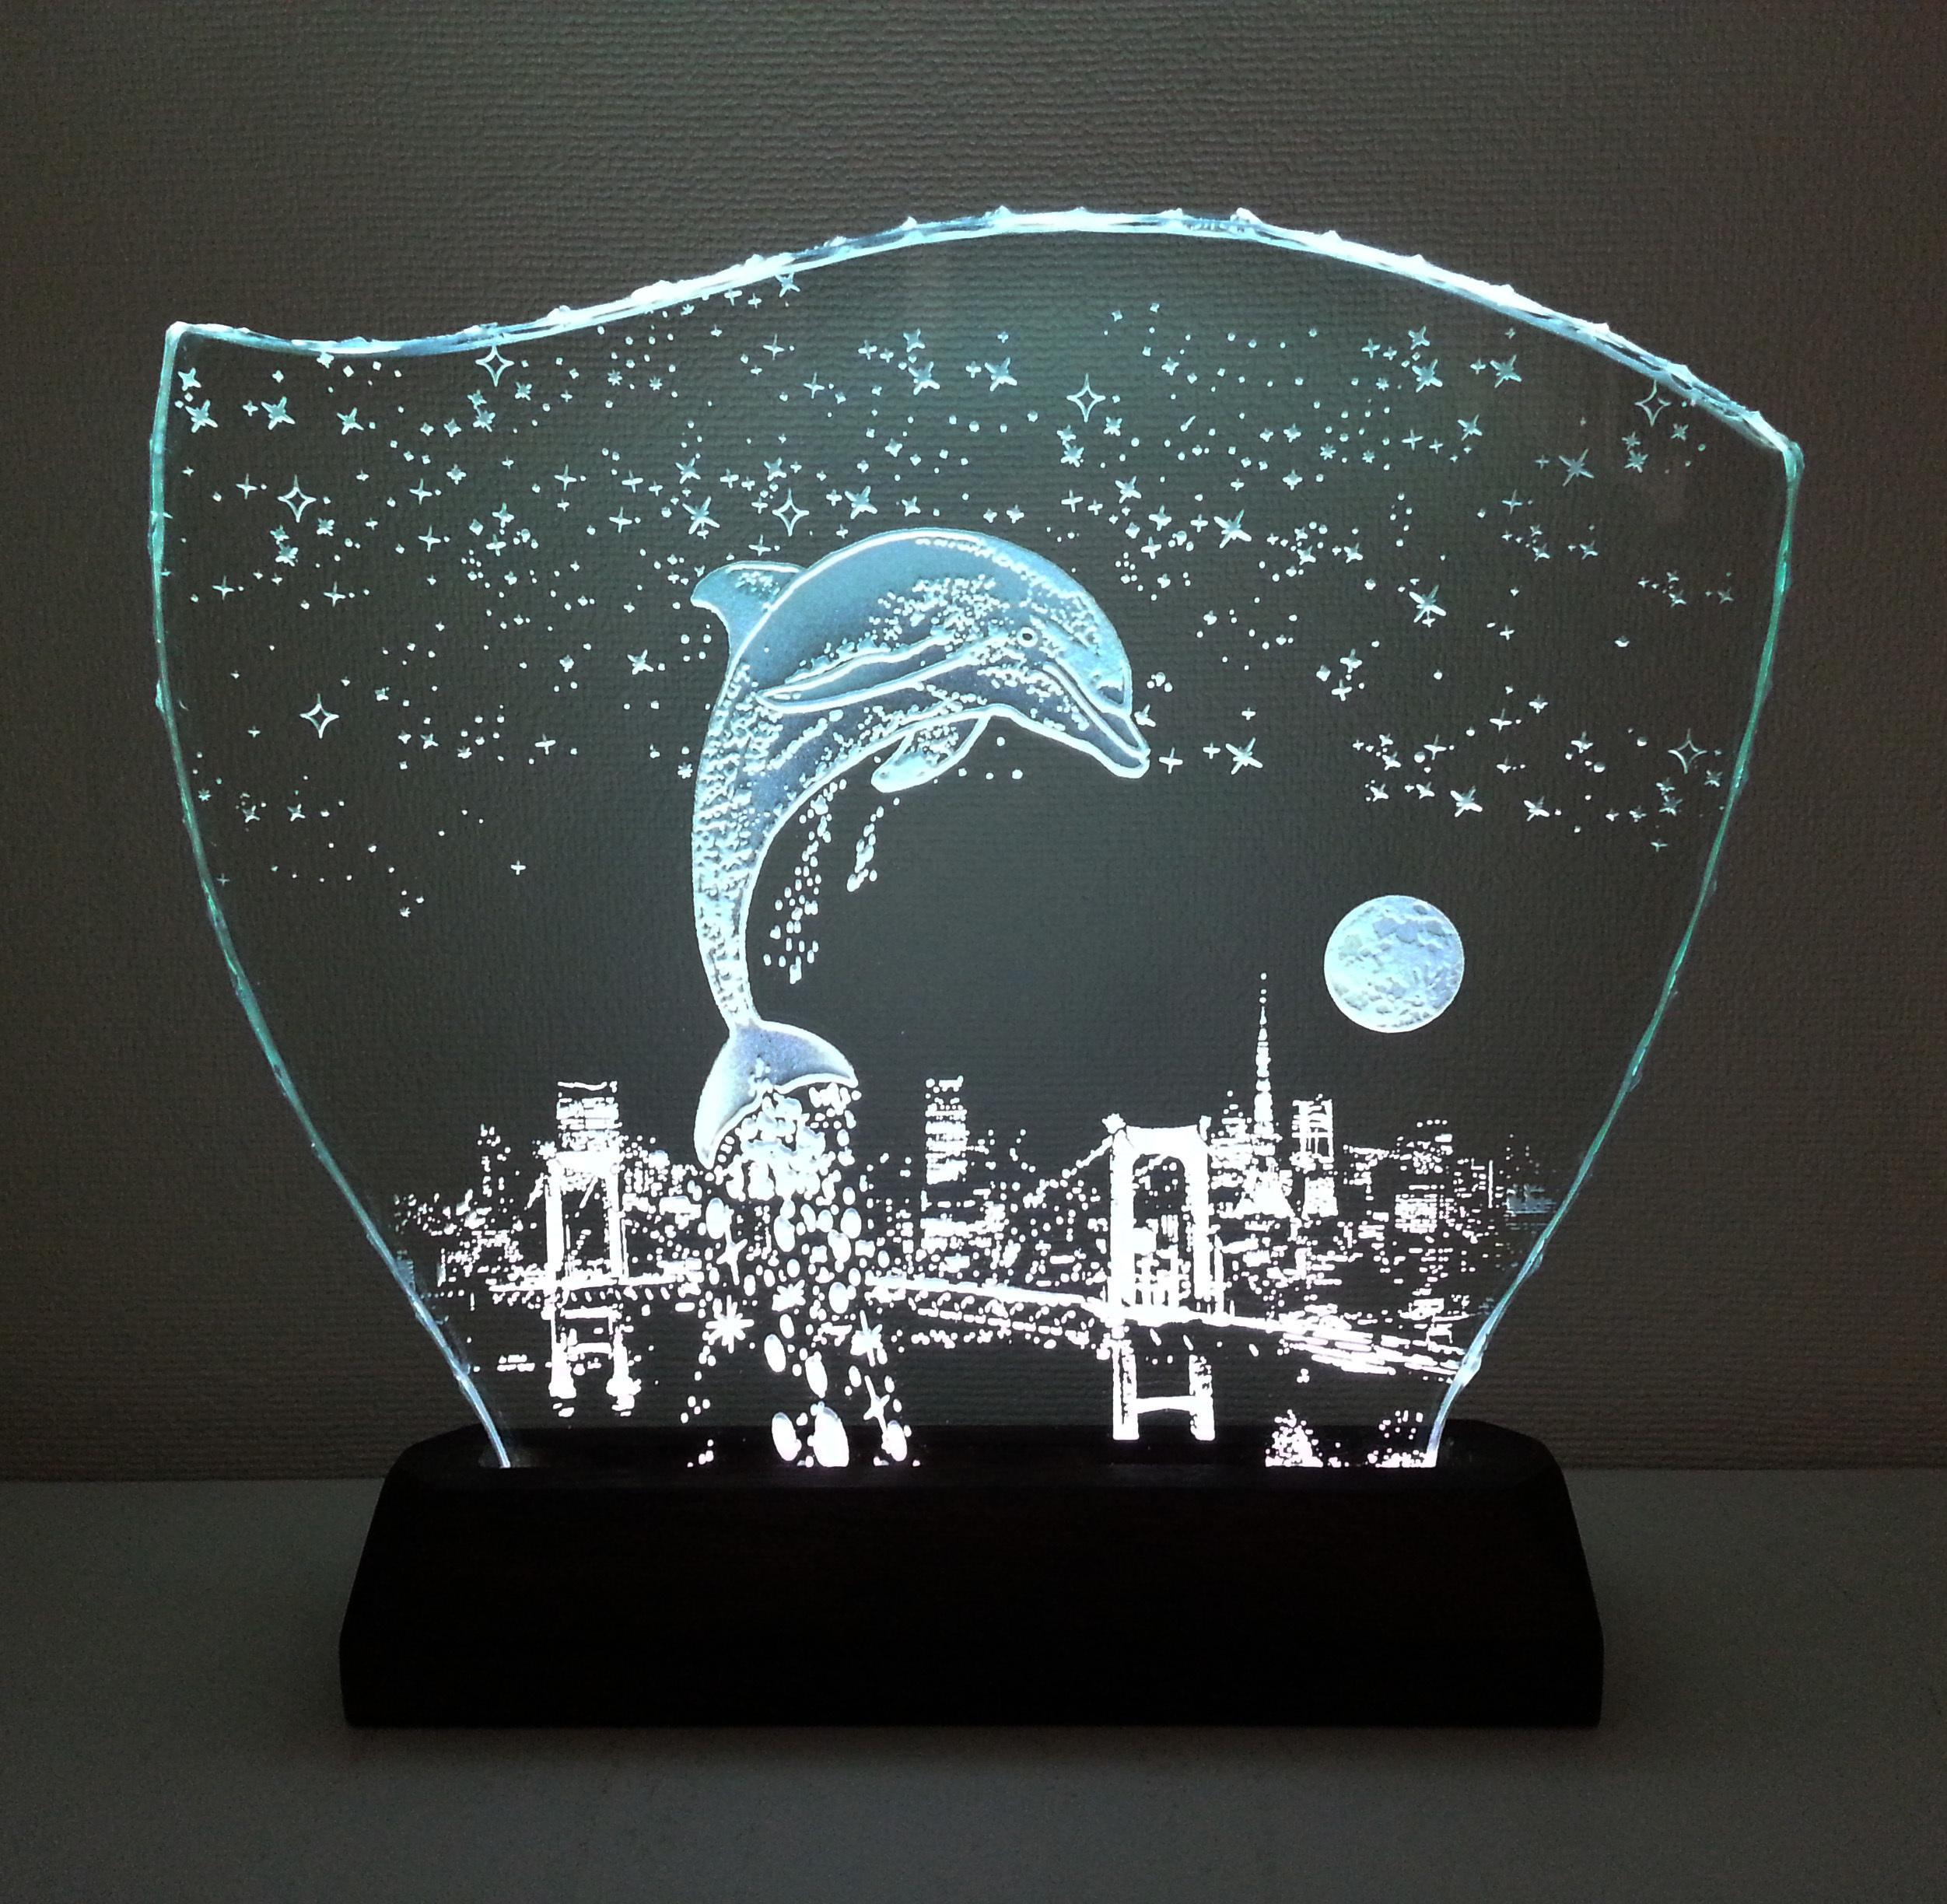 星降る夜・イルカ・レインボーブリッジ ガラスエッチングパネル Lサイズ・LEDスタンドセット(ランプ・ライト・照明)